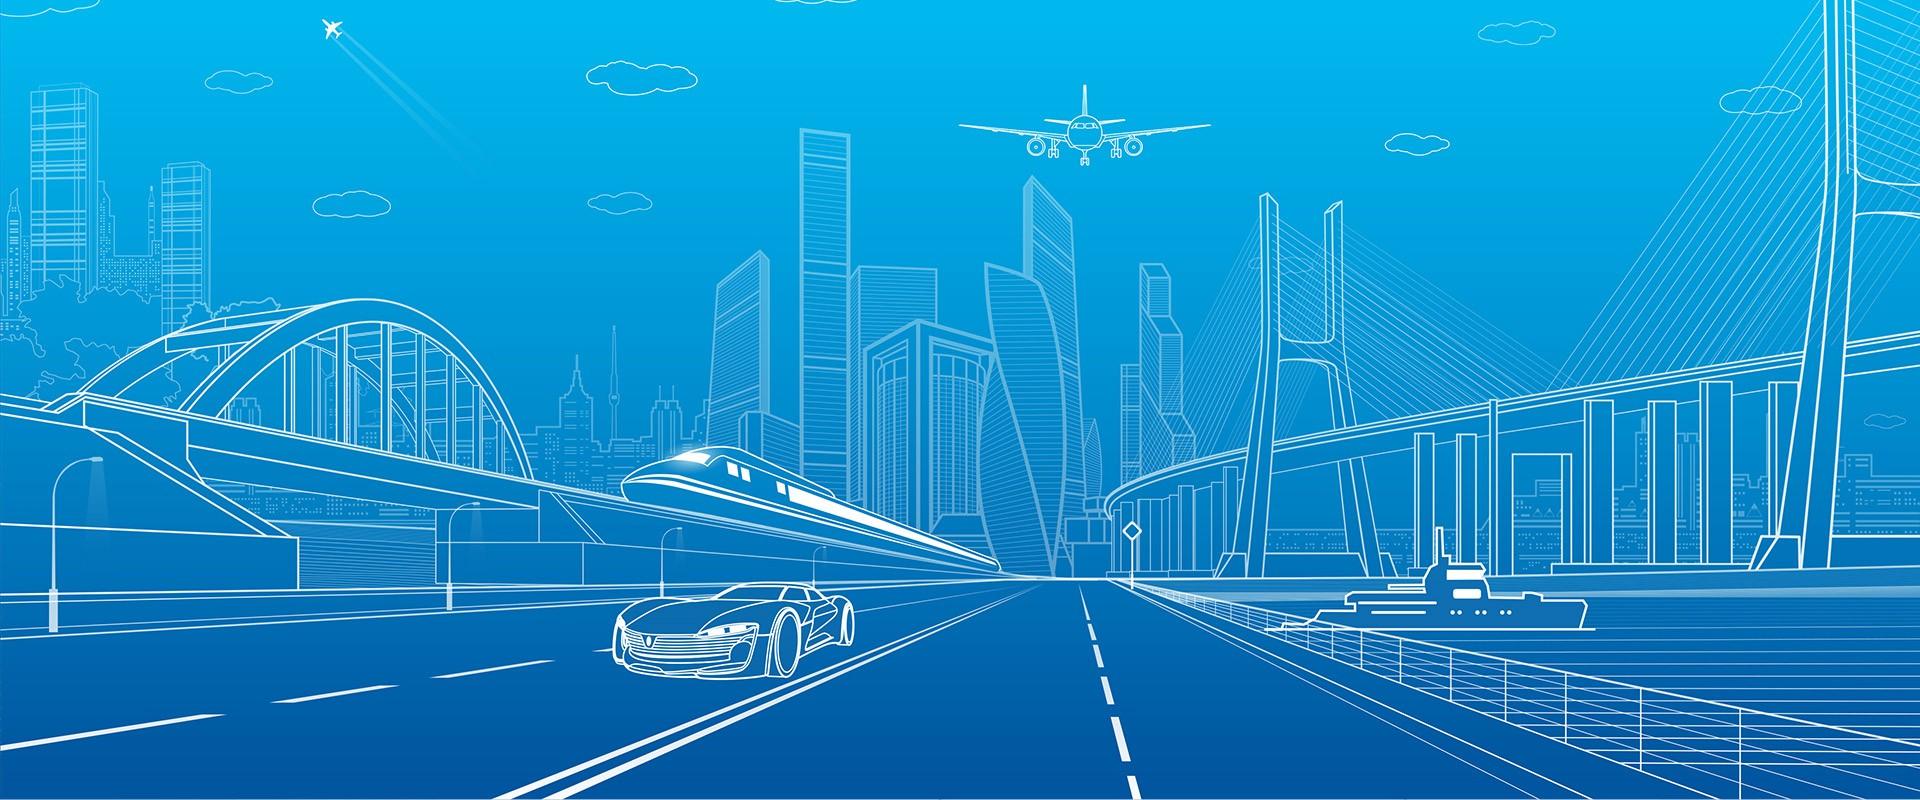 致力轻量化发展,创享绿色未来